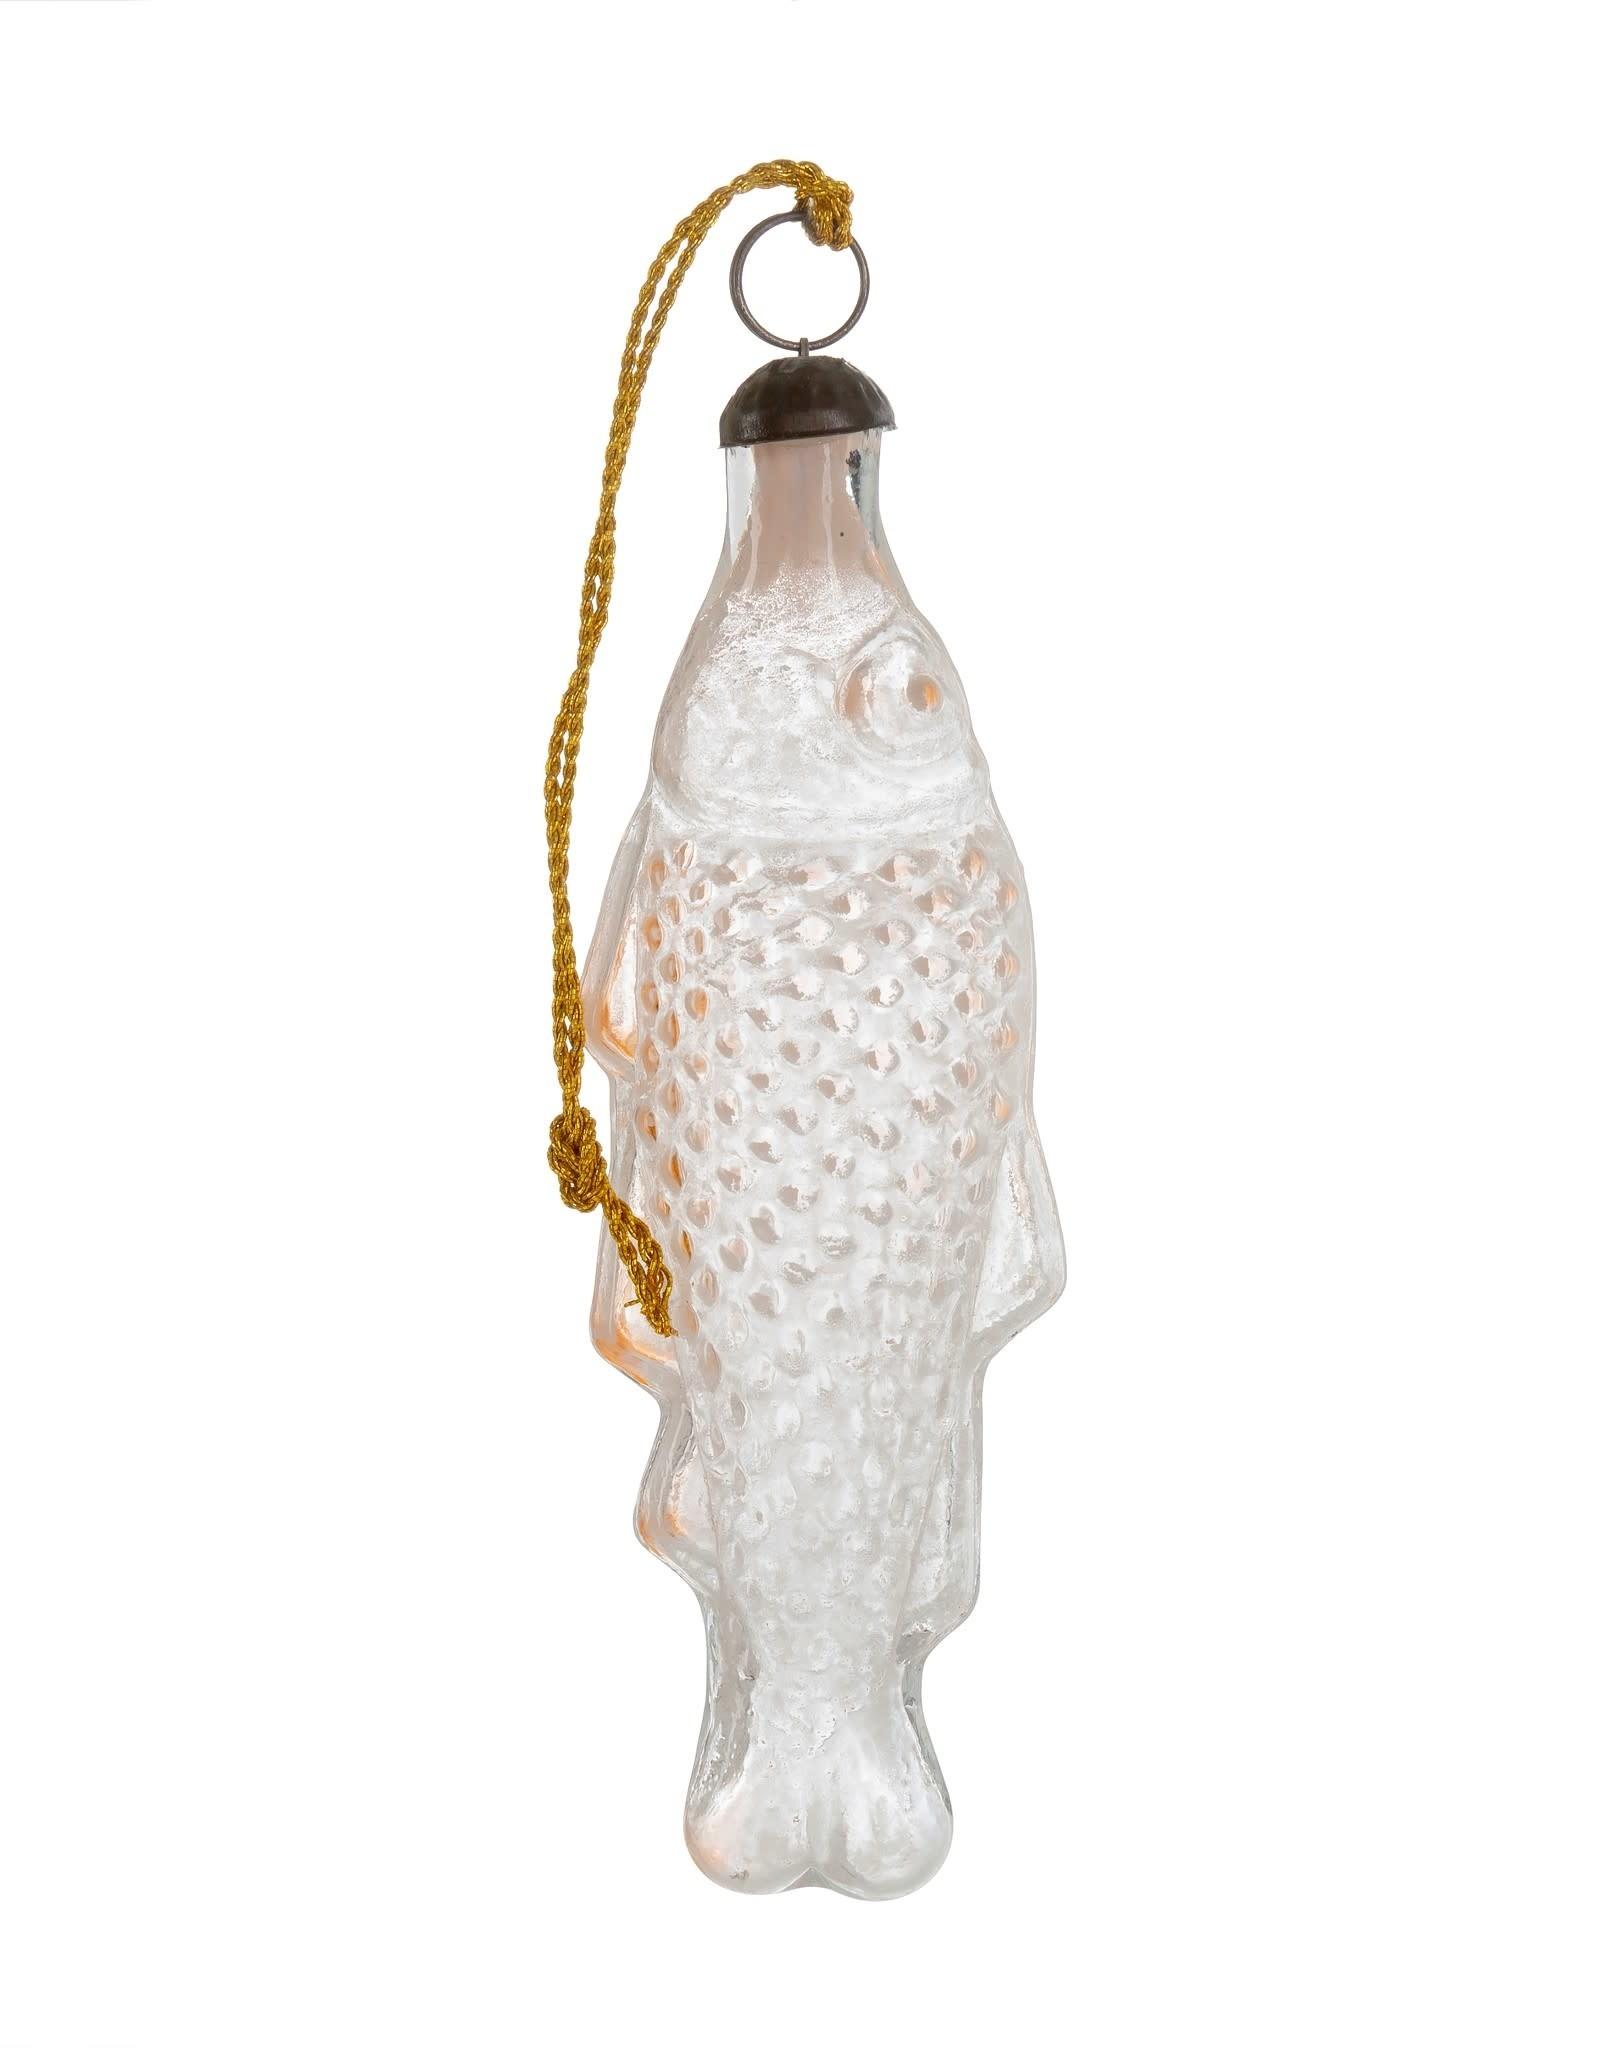 Indaba Vintage Bottle Fish Ornament - Pink